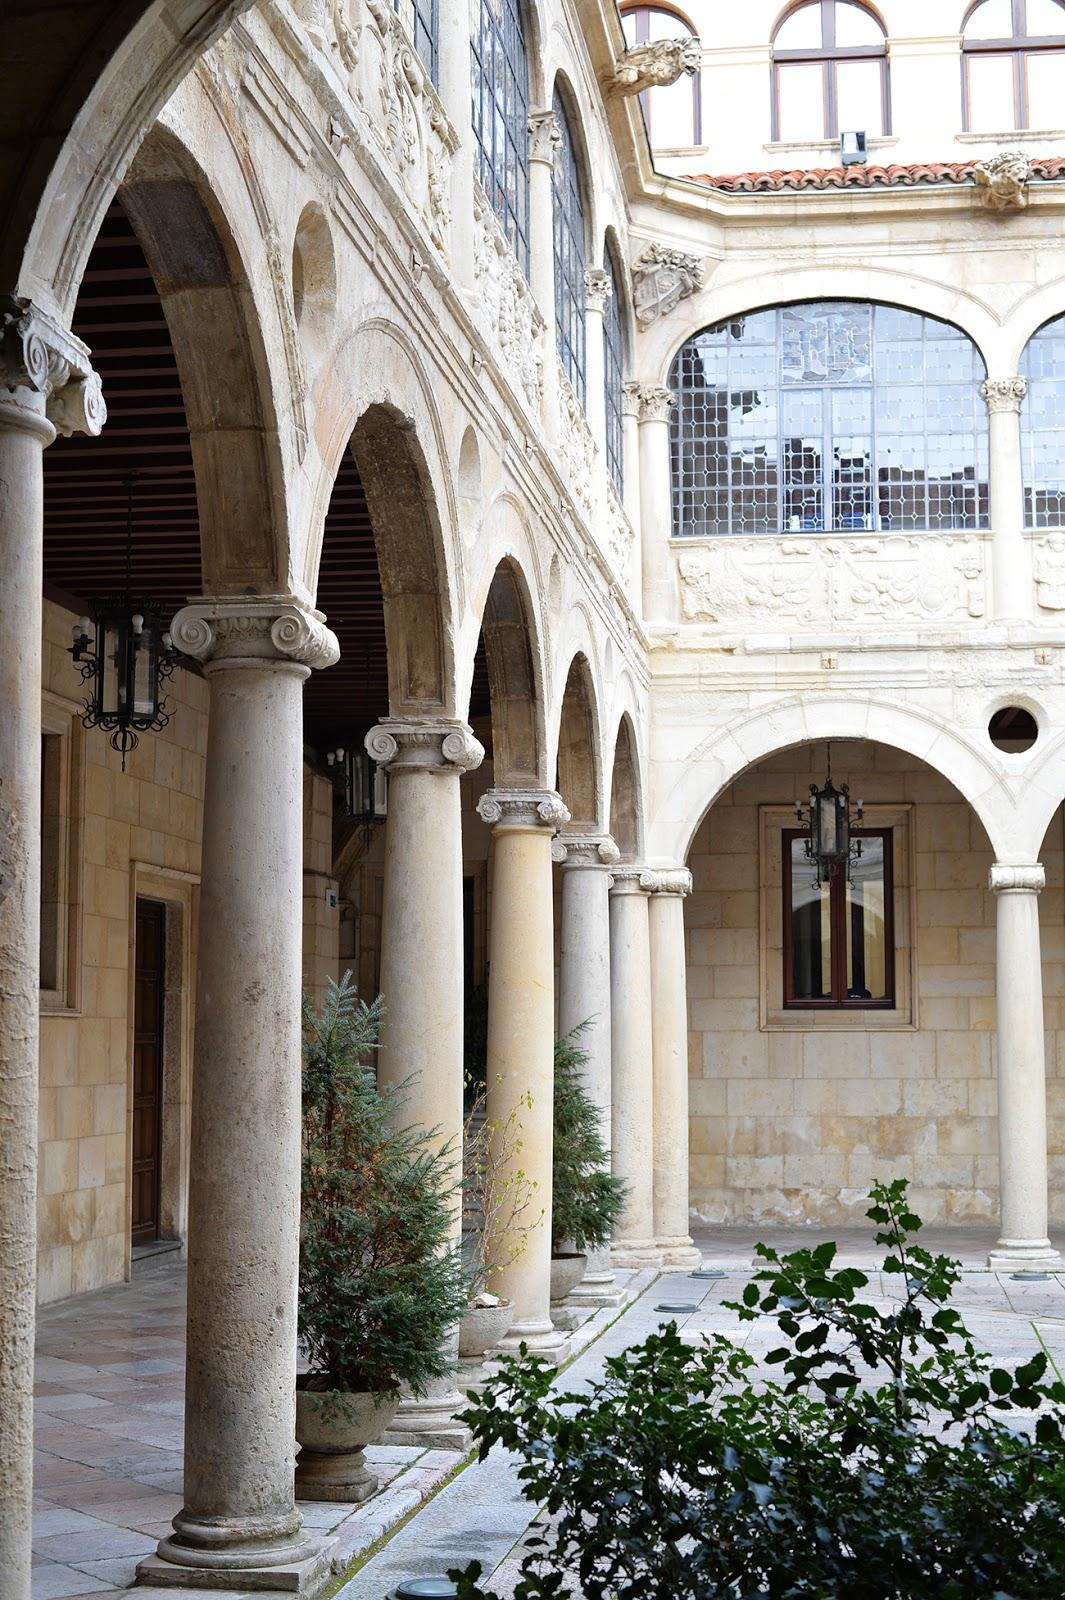 palacio guzmanes patio leon spain